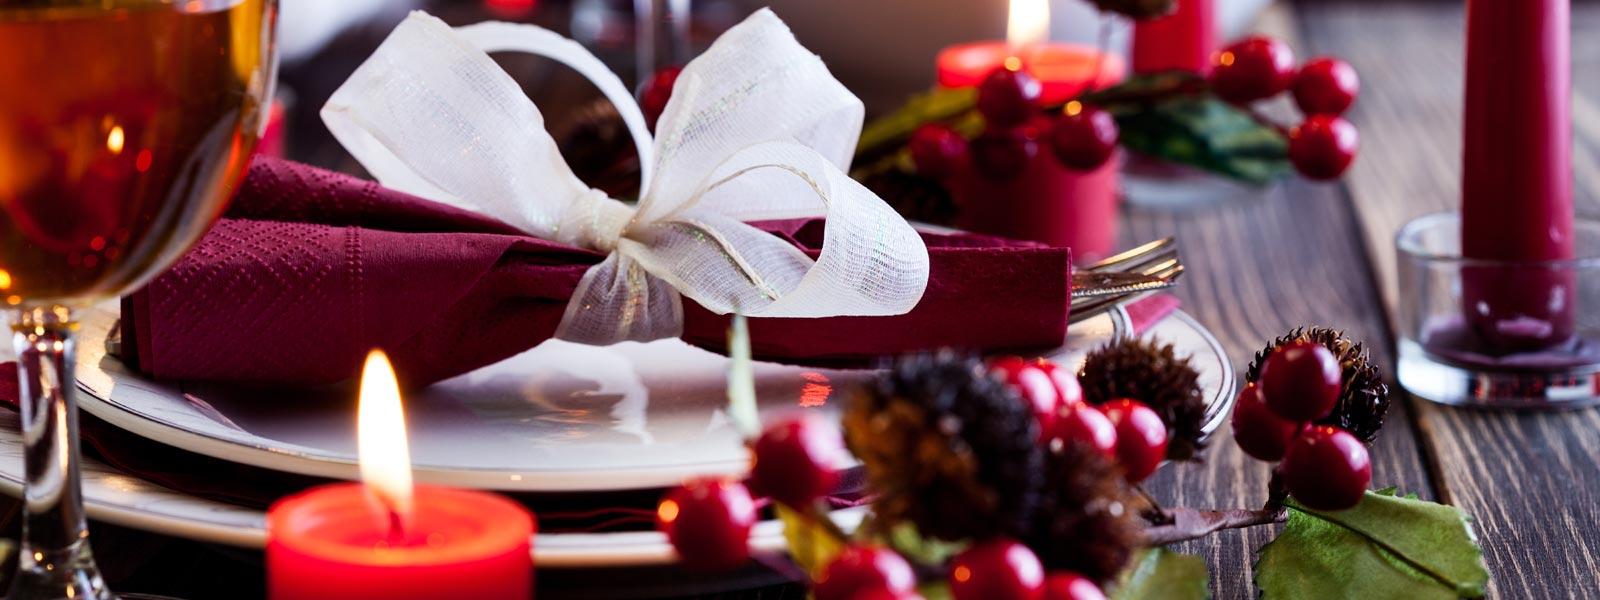 Table set for Christmas dinner in restaurant